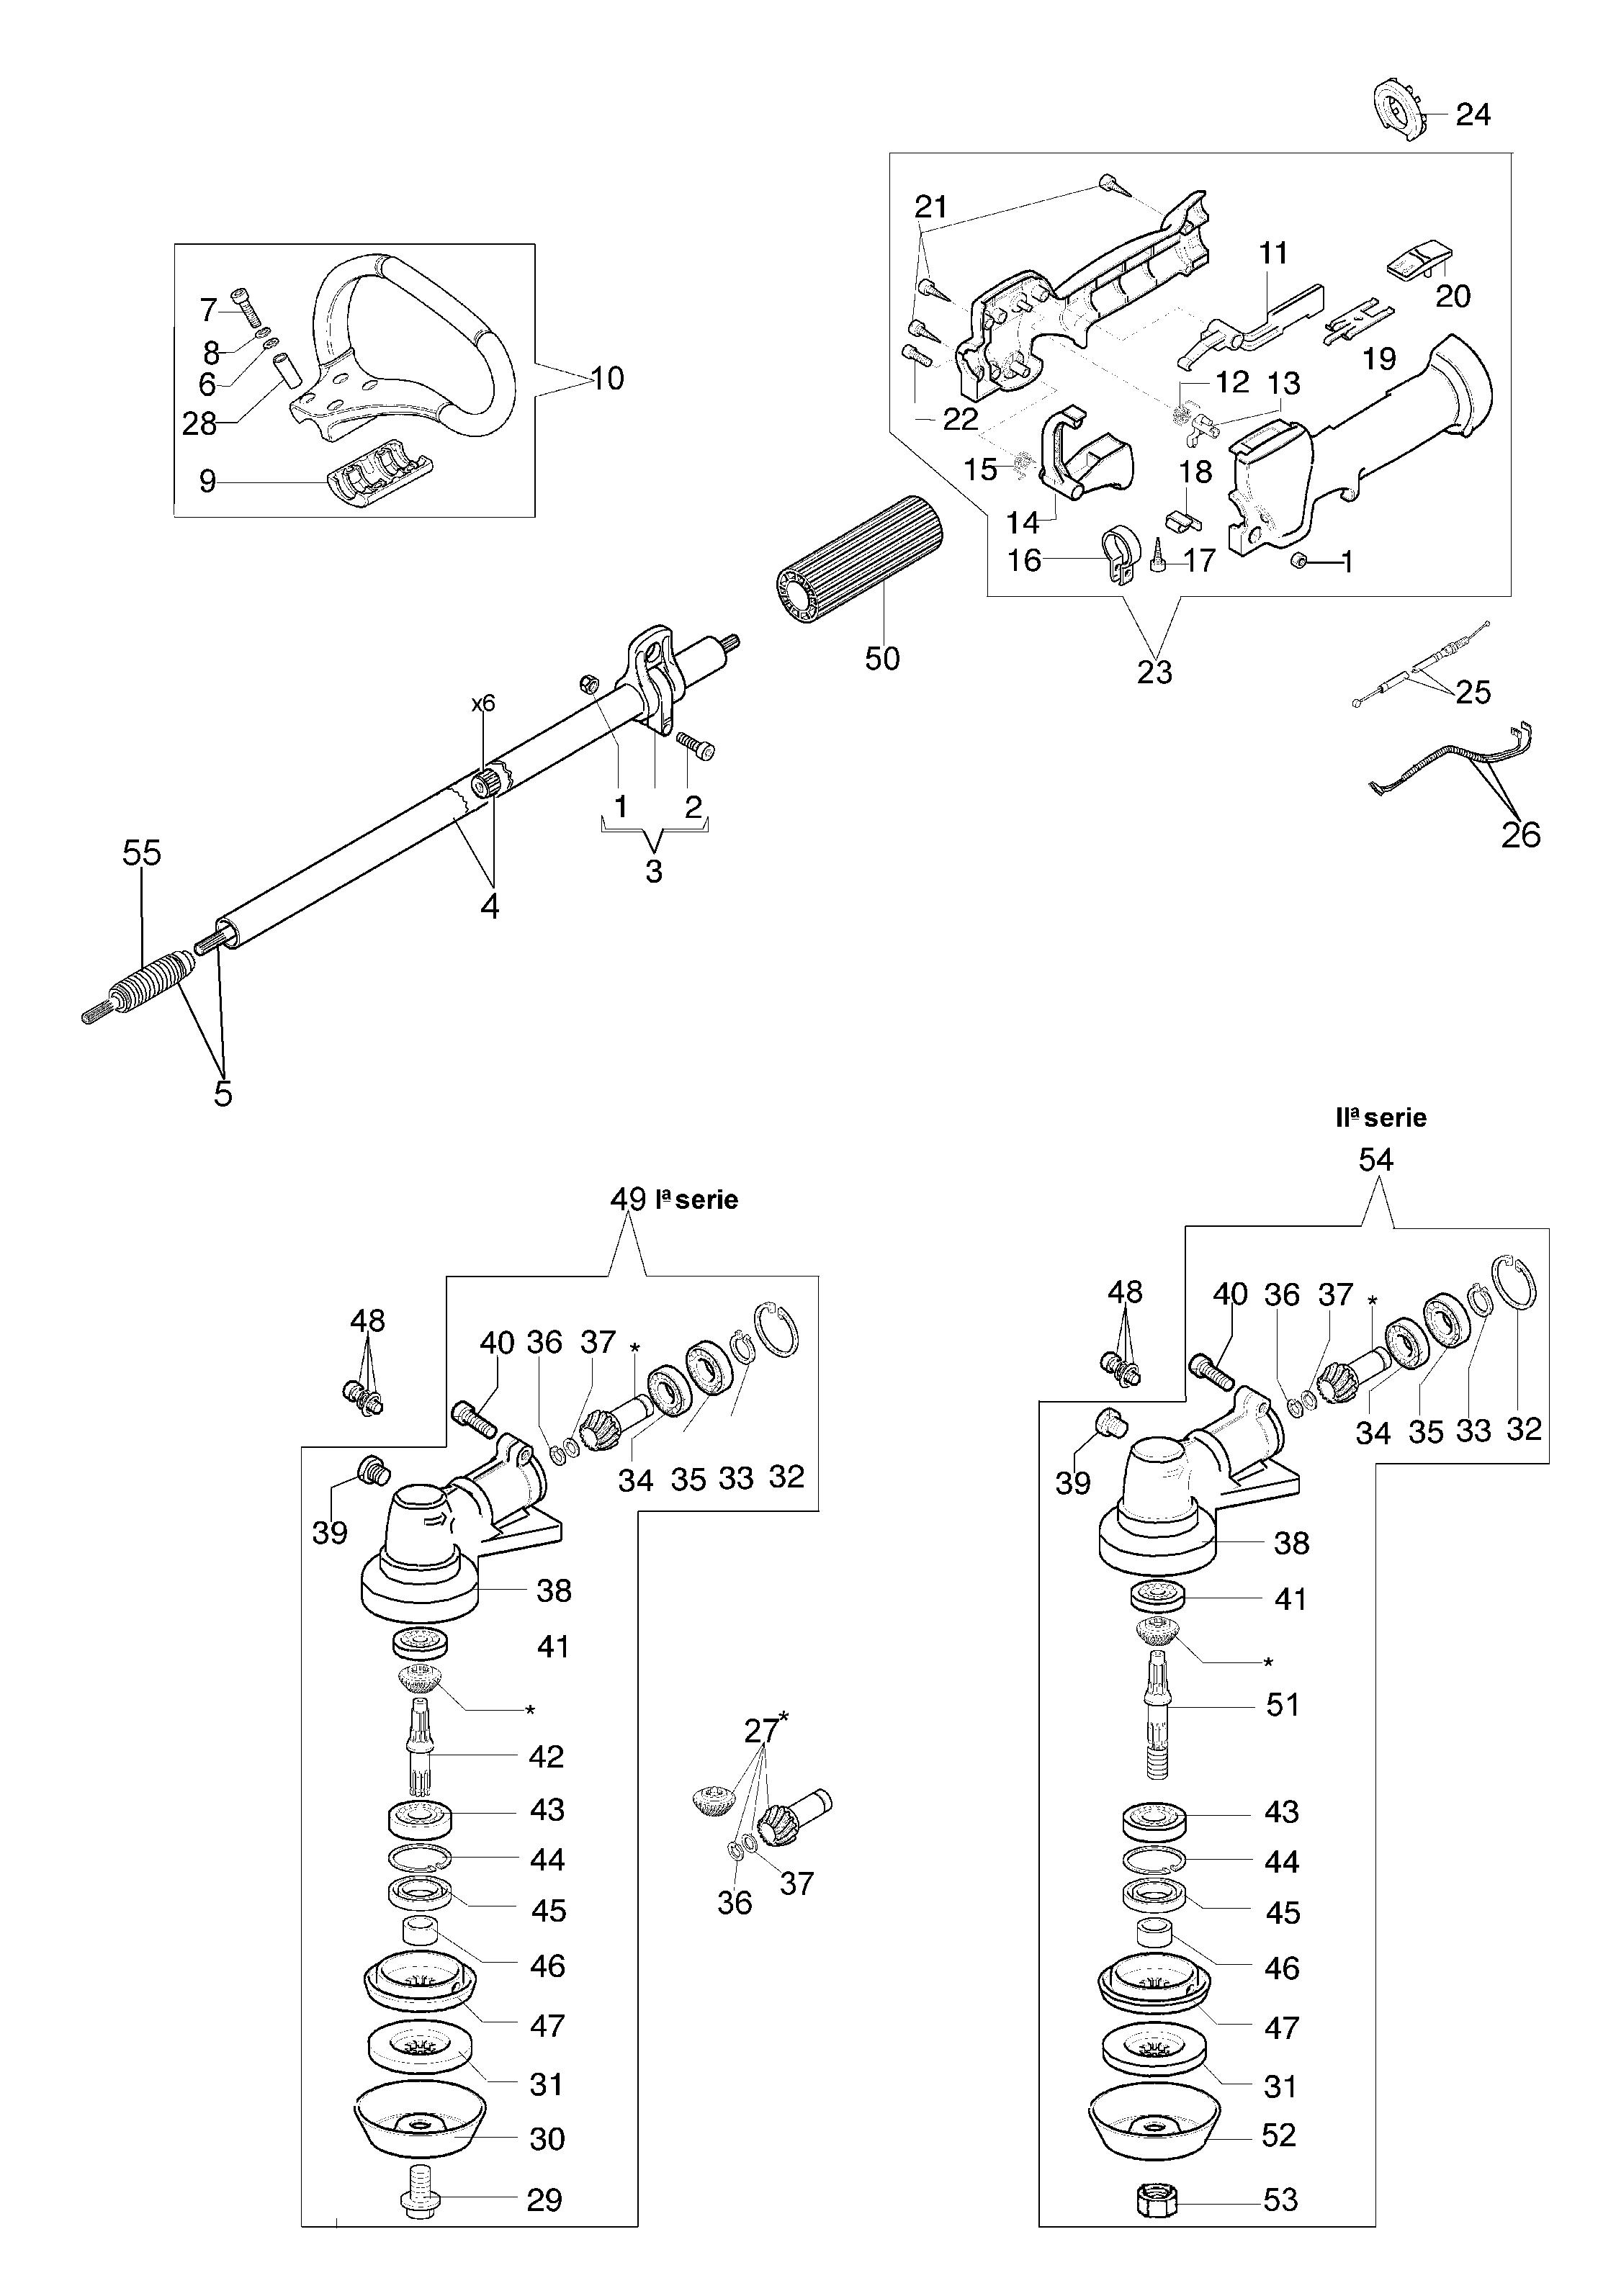 BC 380 S Débroussailleuse oleomac Dessins pièces vue éclatée Transmission Ø26